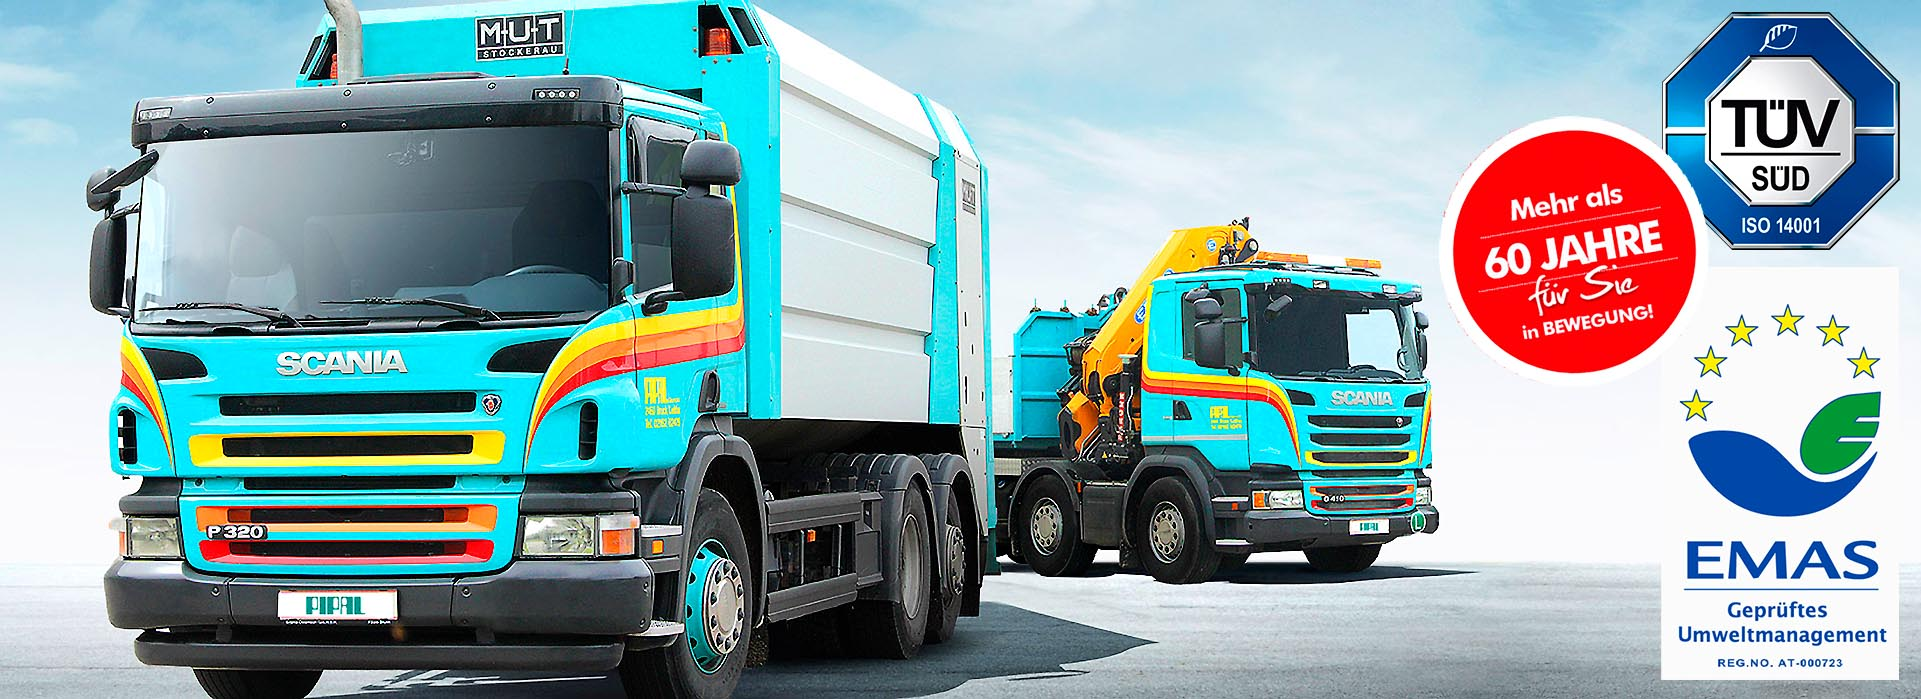 Pipal-Transporte: Gütertransporte in Wien und Niederösterreich - LKWs, Nahtransporte, Ferntransporte, Kranarbeiten, Container, Mulden, Hubarbeitsbühne, Müllabfuhr • Firmensitz in Bruck an der Leitha